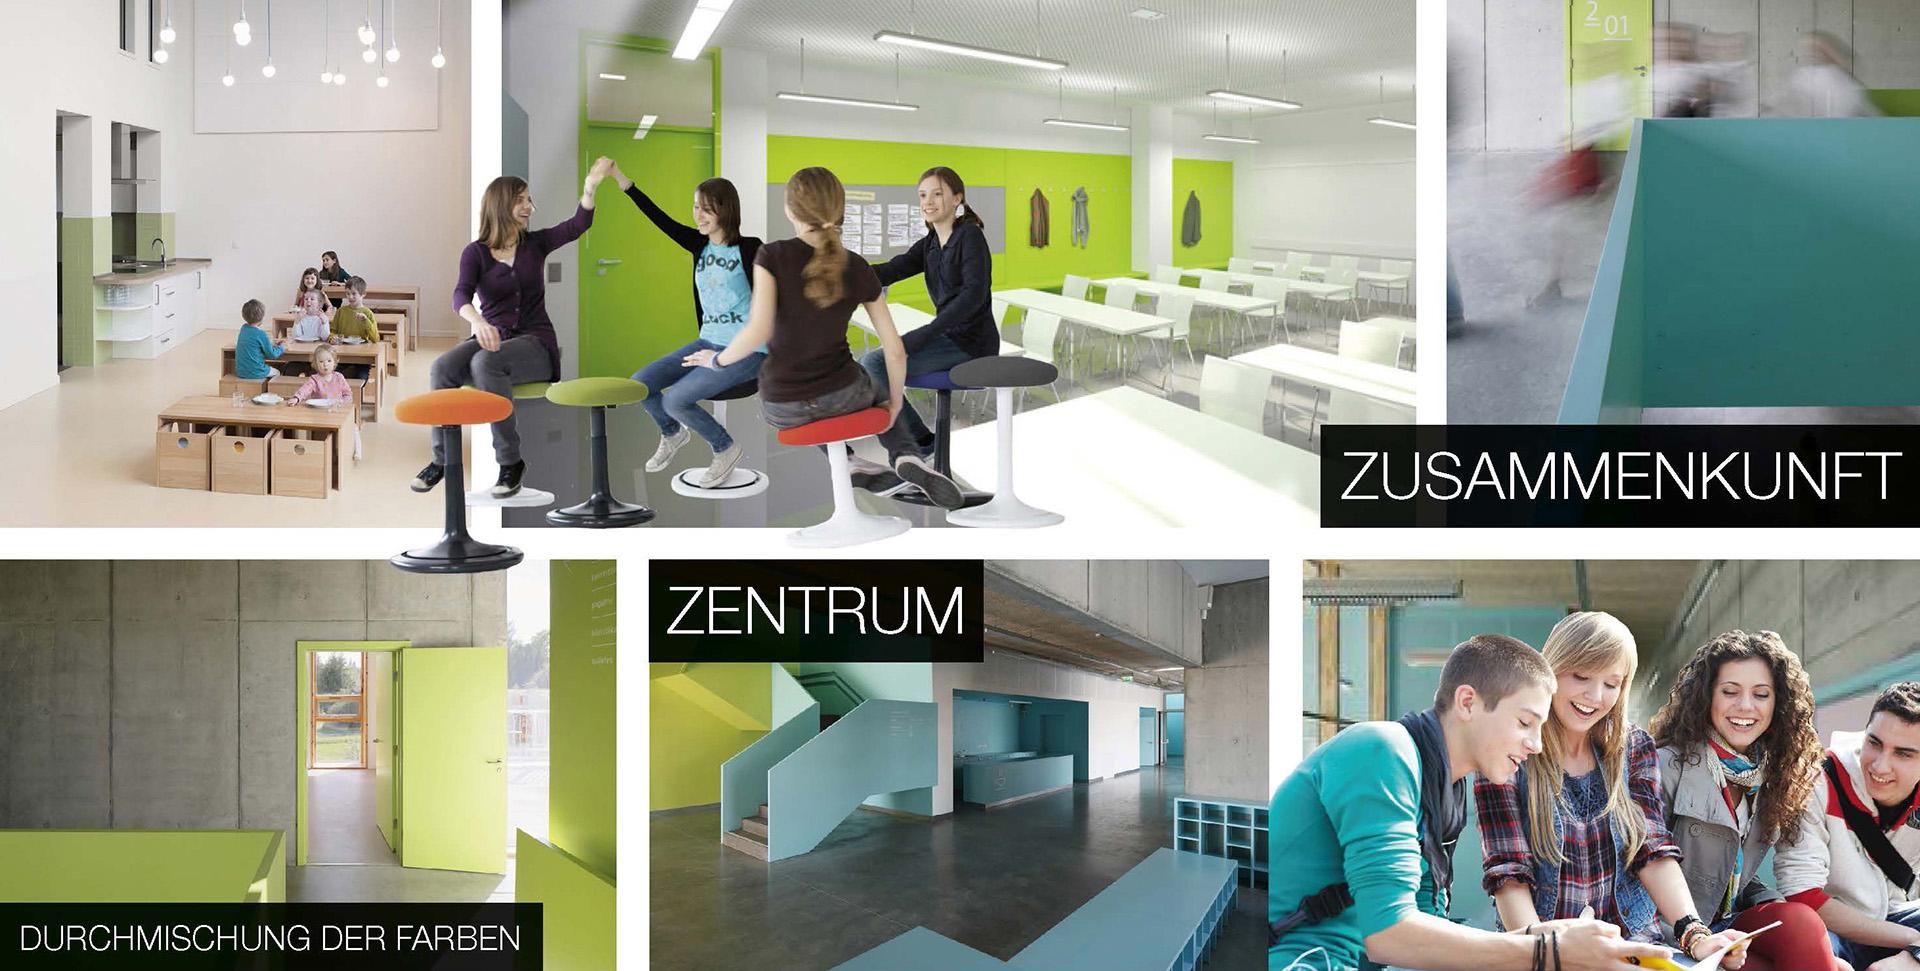 Umbau NaWi-Trakt Gymnasium Petershagen   21.11.2020